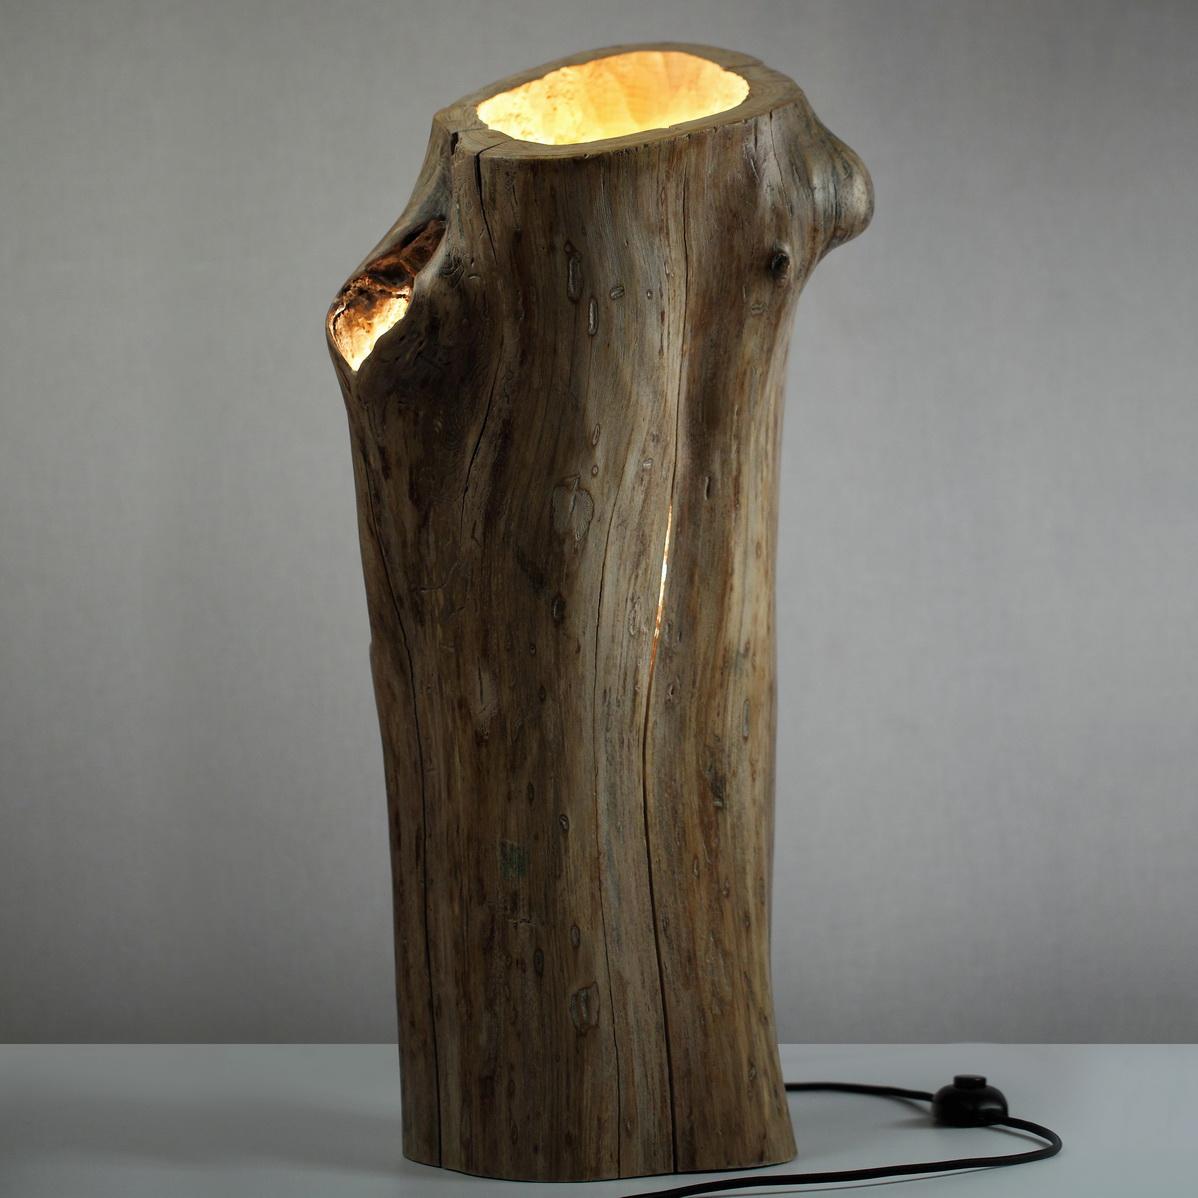 Торшер напольный из дерева своими руками фото